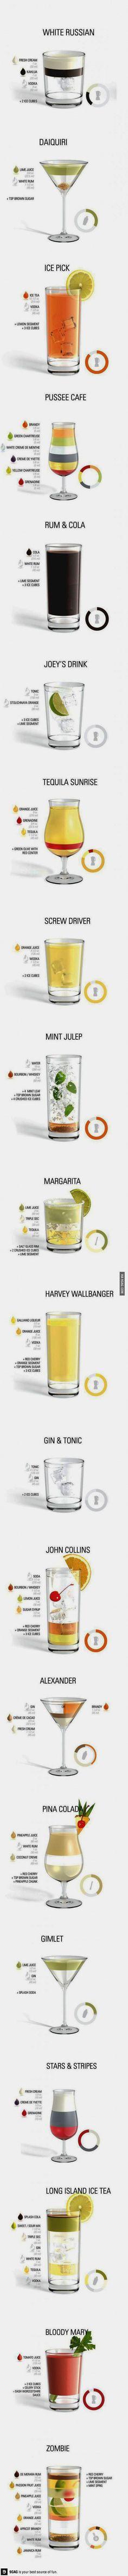 RabaMaster: Инфографика: как готовить самые популярные коктейли